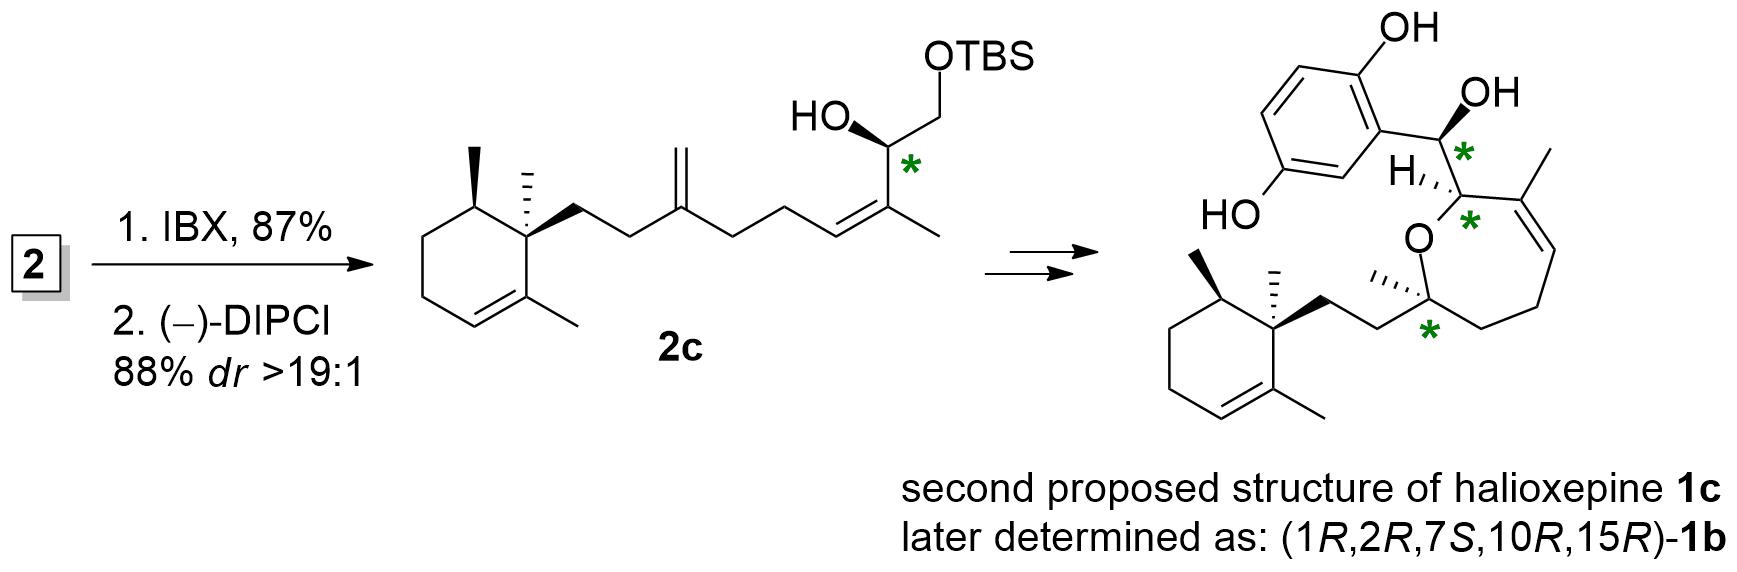 halioxepine-4.png